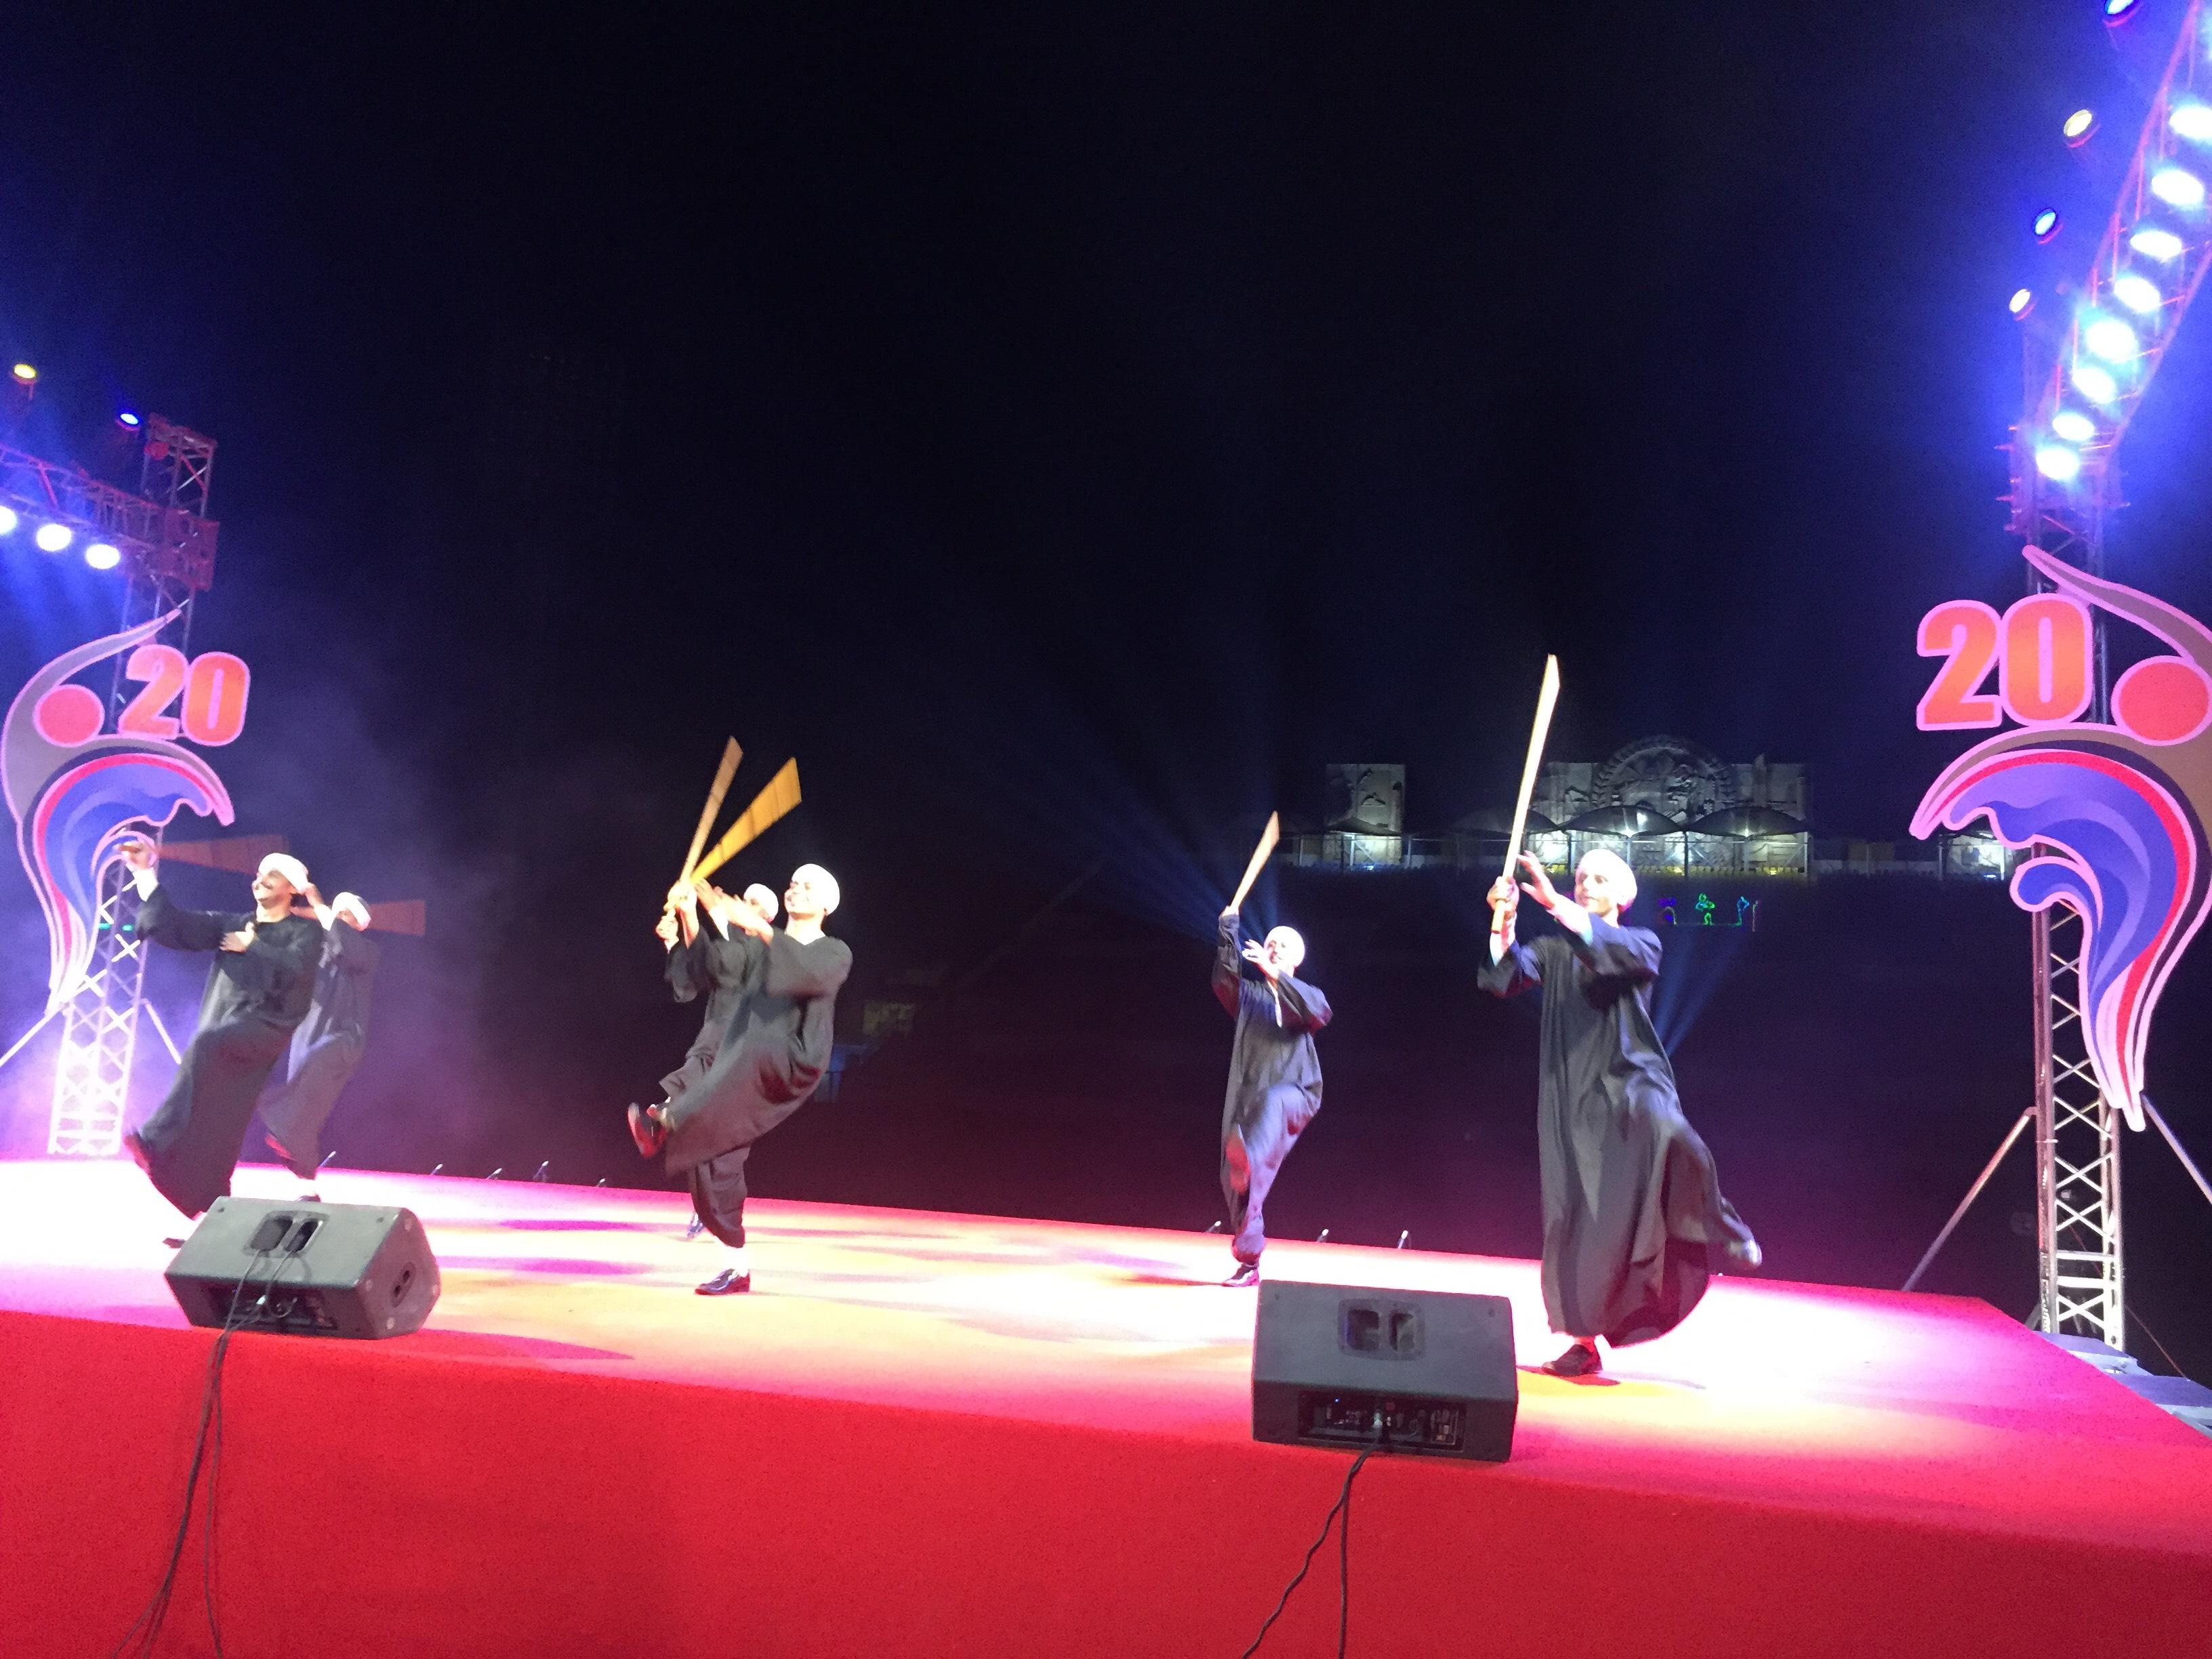 مهرجان الإسماعيلية الدولى العشرين للفنون الشعبية (10)